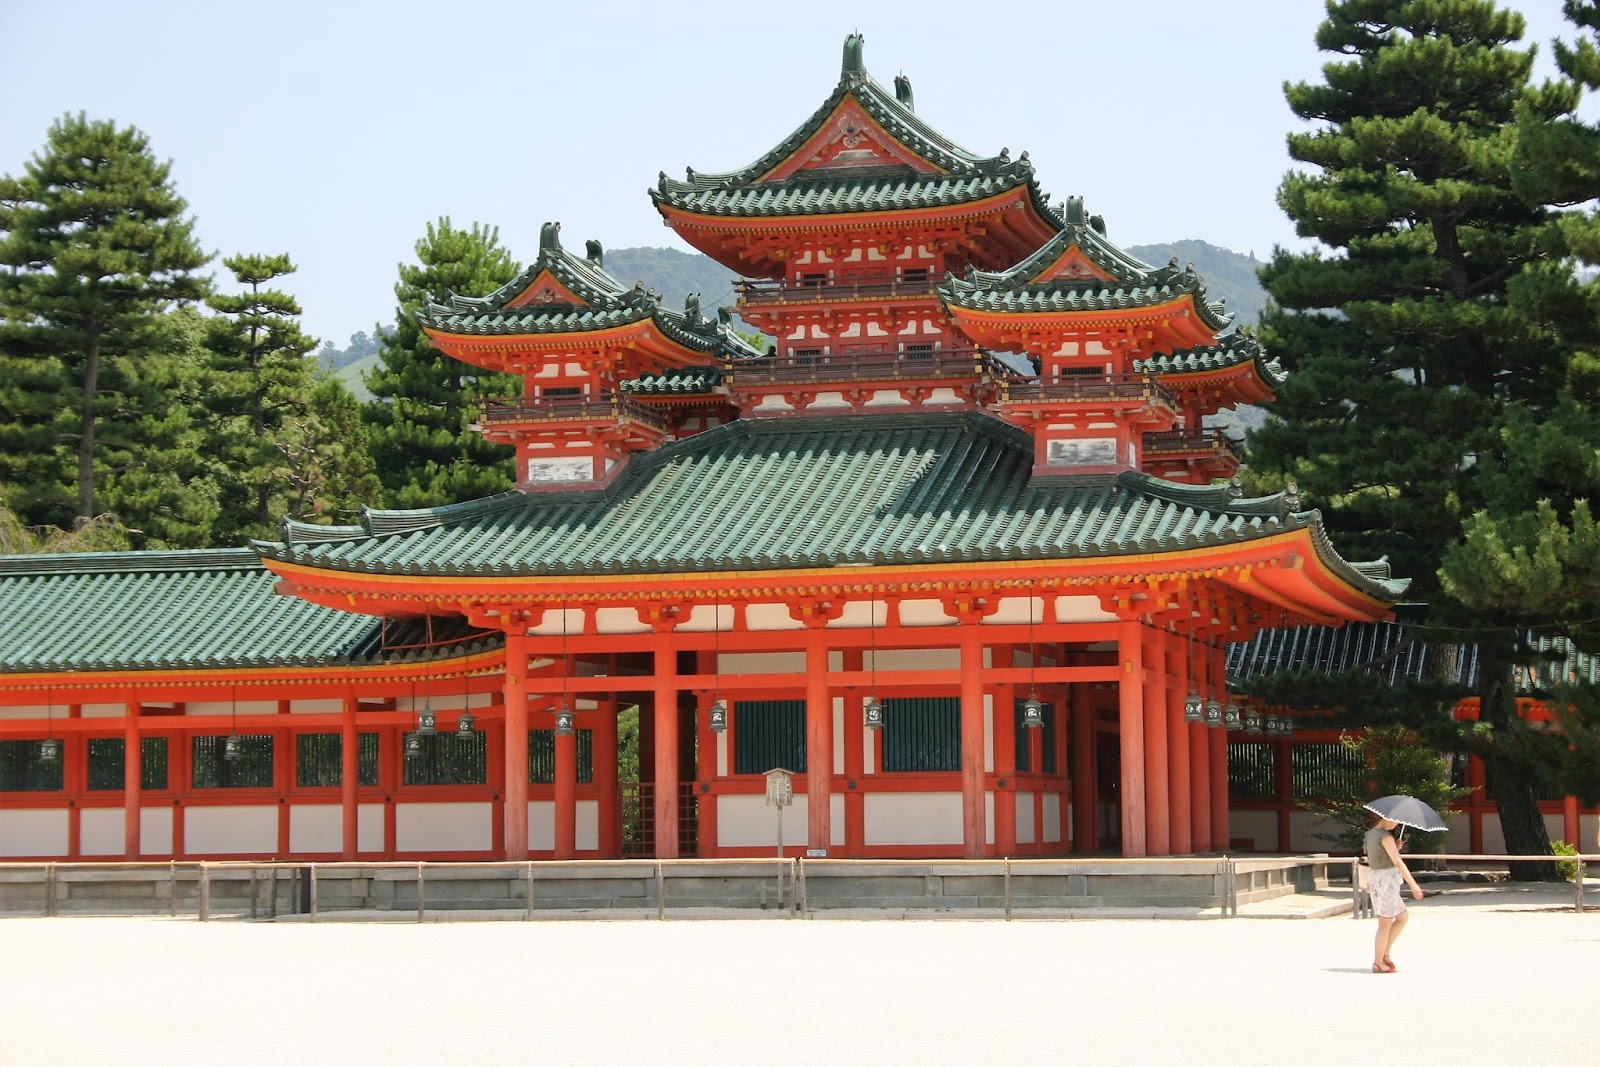 Viaggi con ricordi: 10 cose da vedere (e da fare) a... Kyoto e Nara!